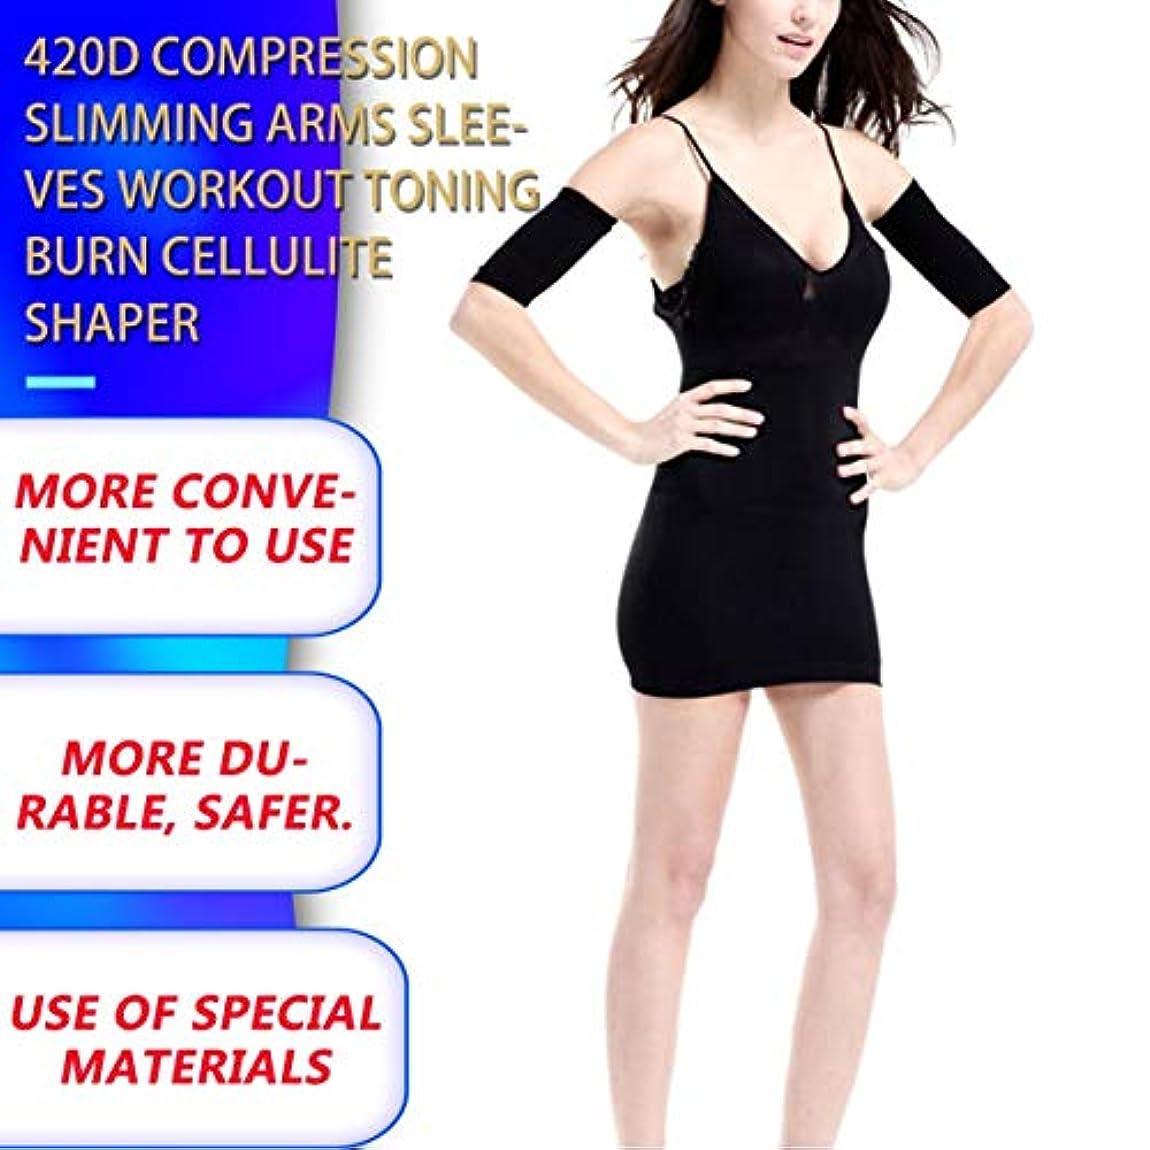 敏感な荒野六月1ペア420 d圧縮痩身アームスリーブワークアウトトーニングバーンセルライトシェイパー脂肪燃焼袖用女性